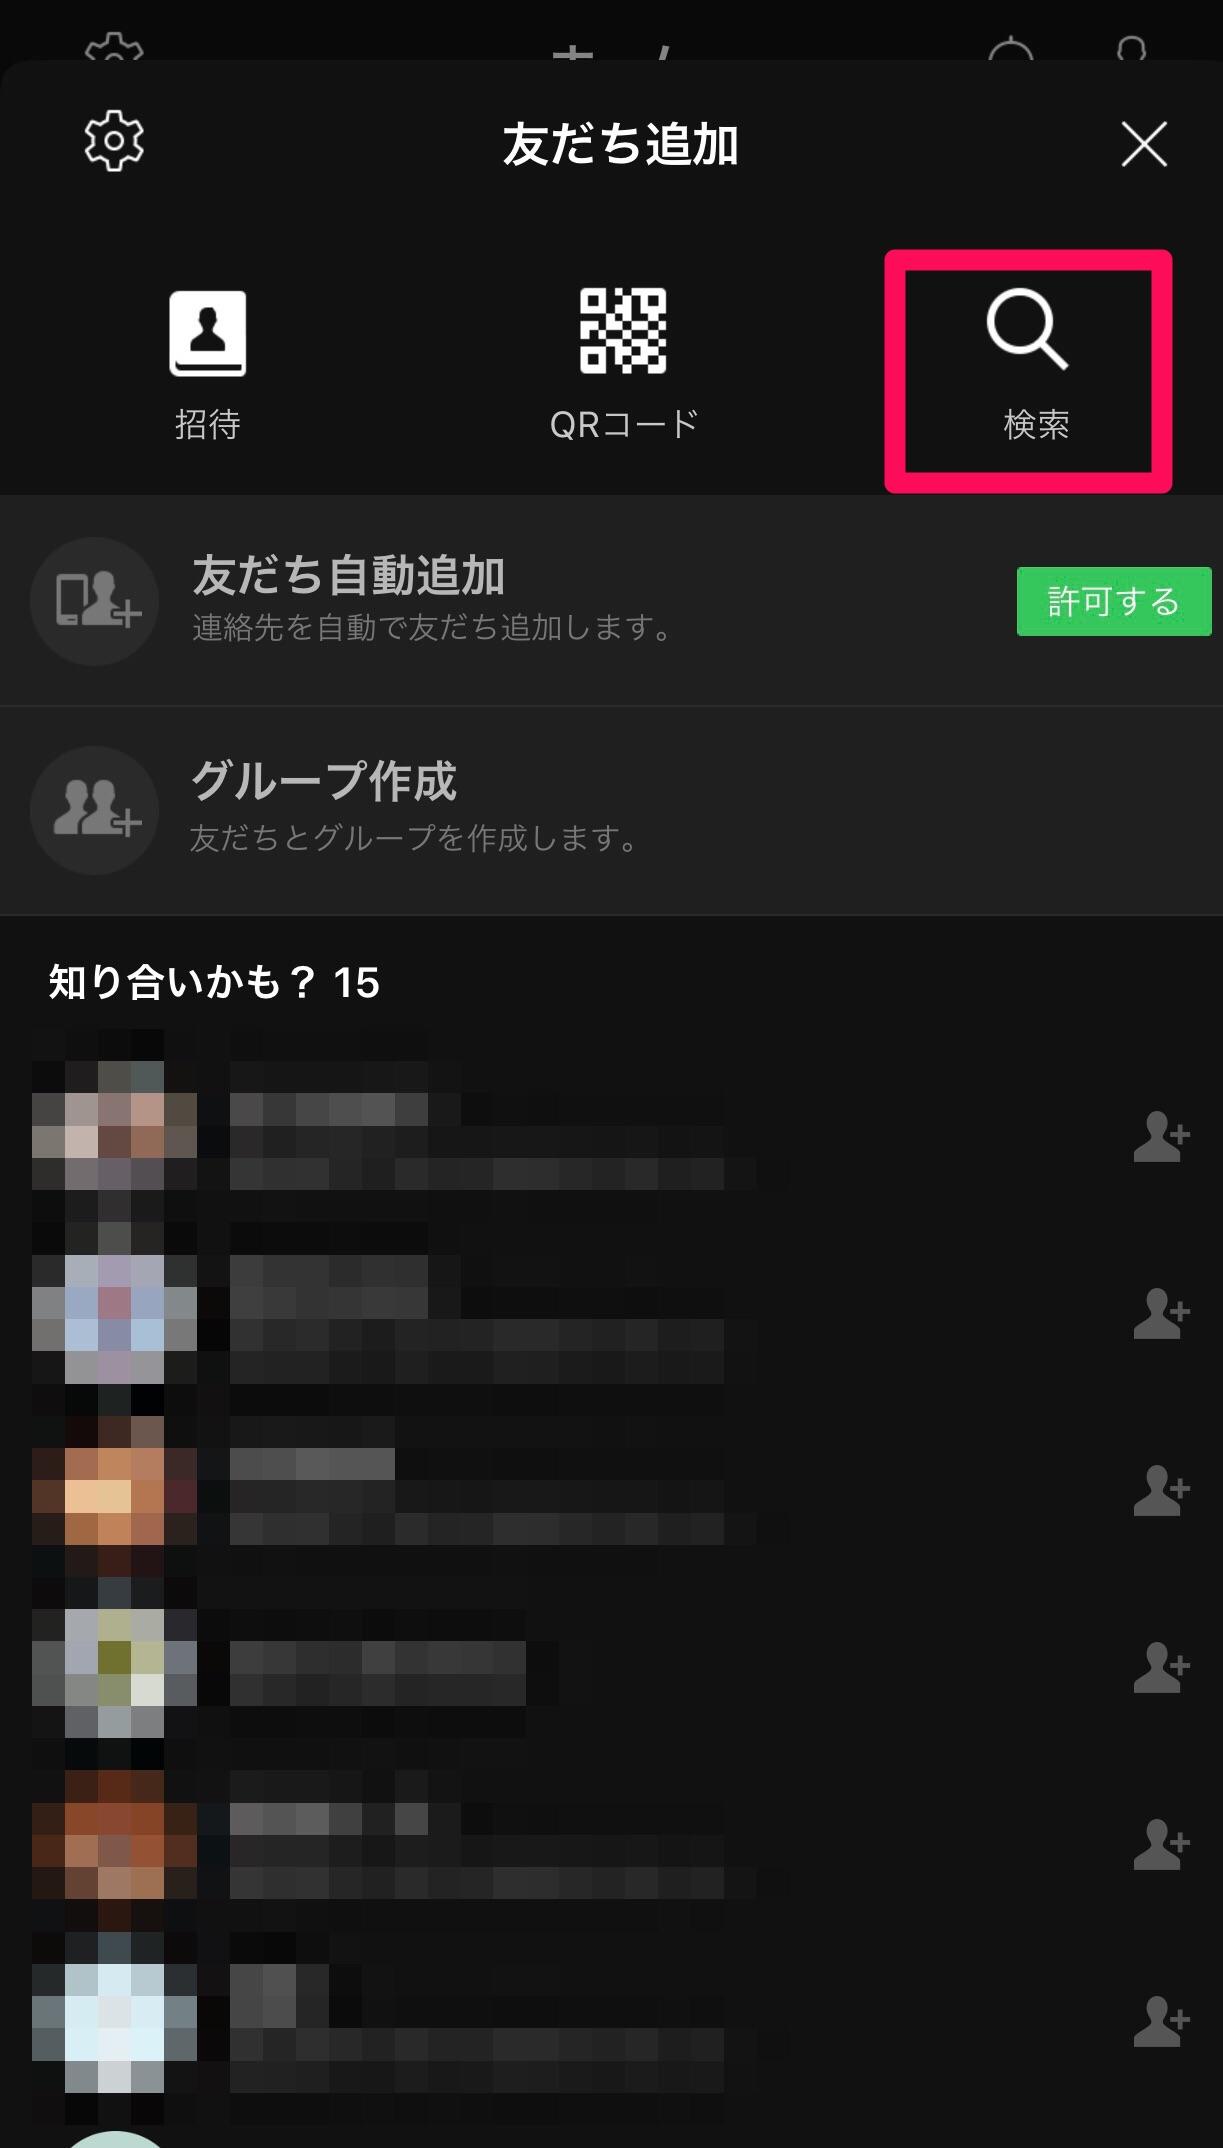 友だち検索2